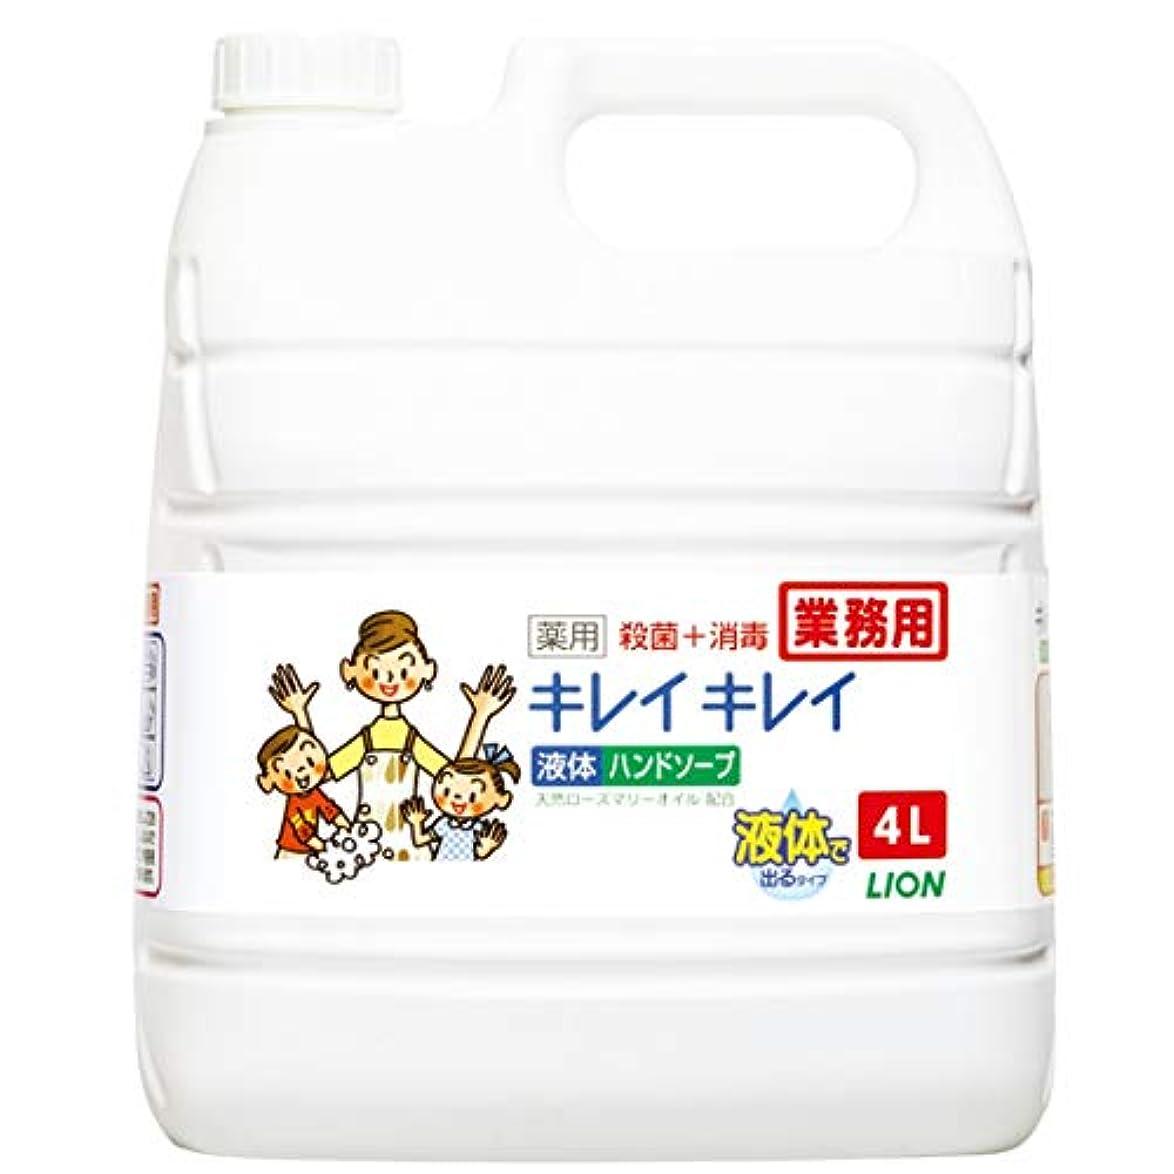 治安判事プロジェクター【業務用 大容量】キレイキレイ 薬用 ハンドソープ  4L(医薬部外品)